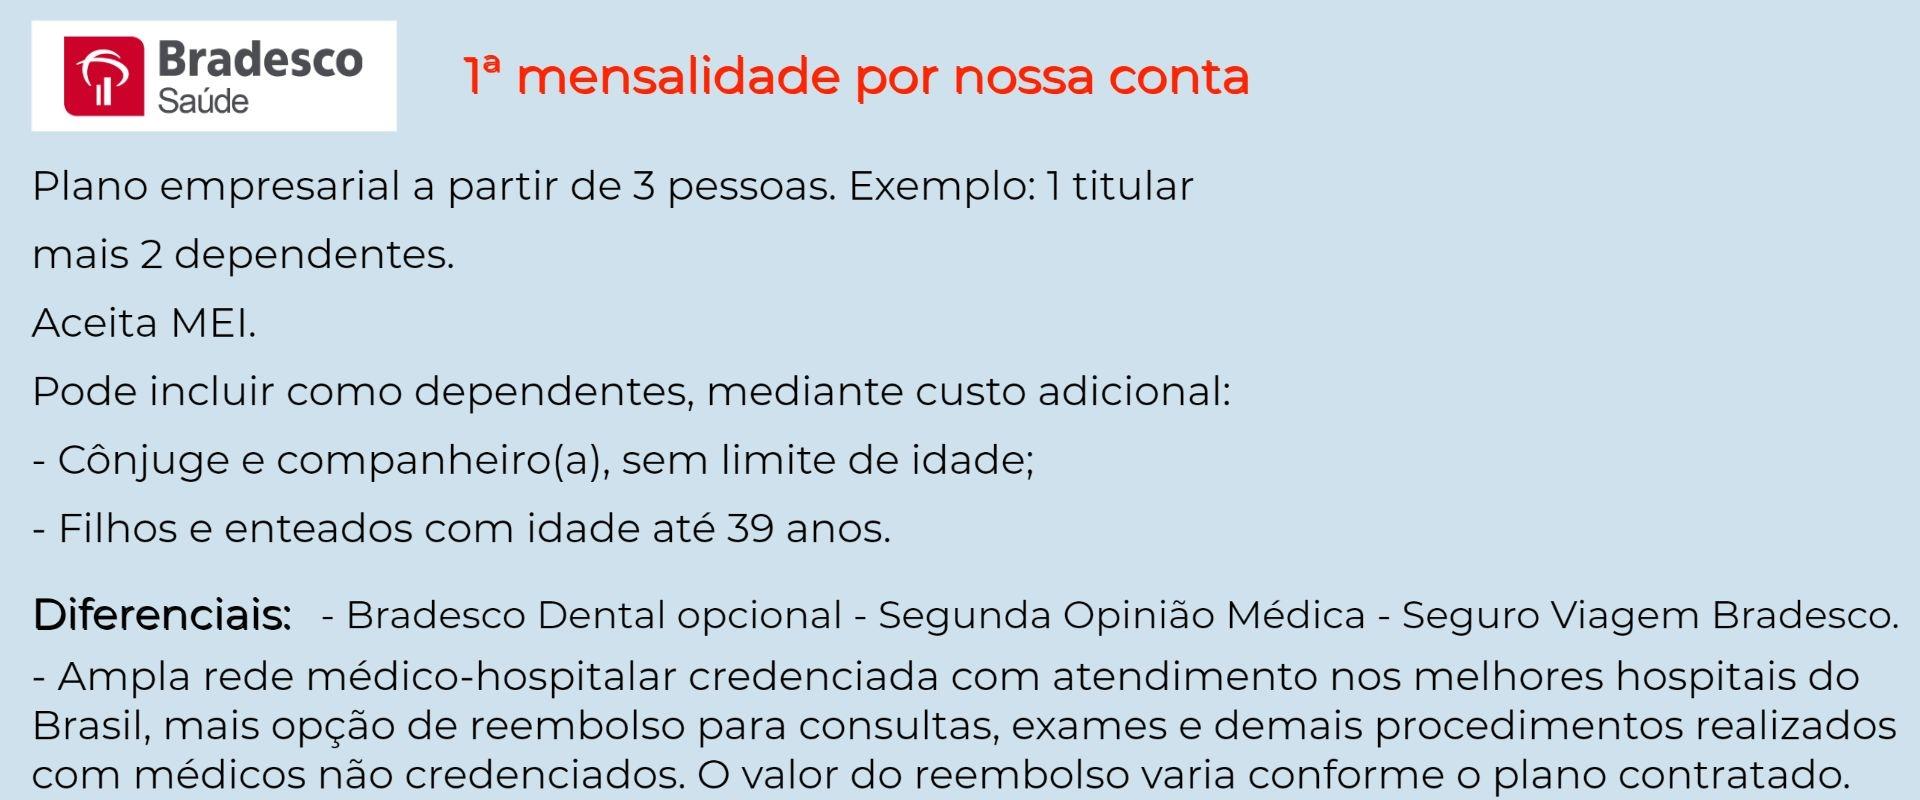 Bradesco Saúde Empresarial - Santa Maria